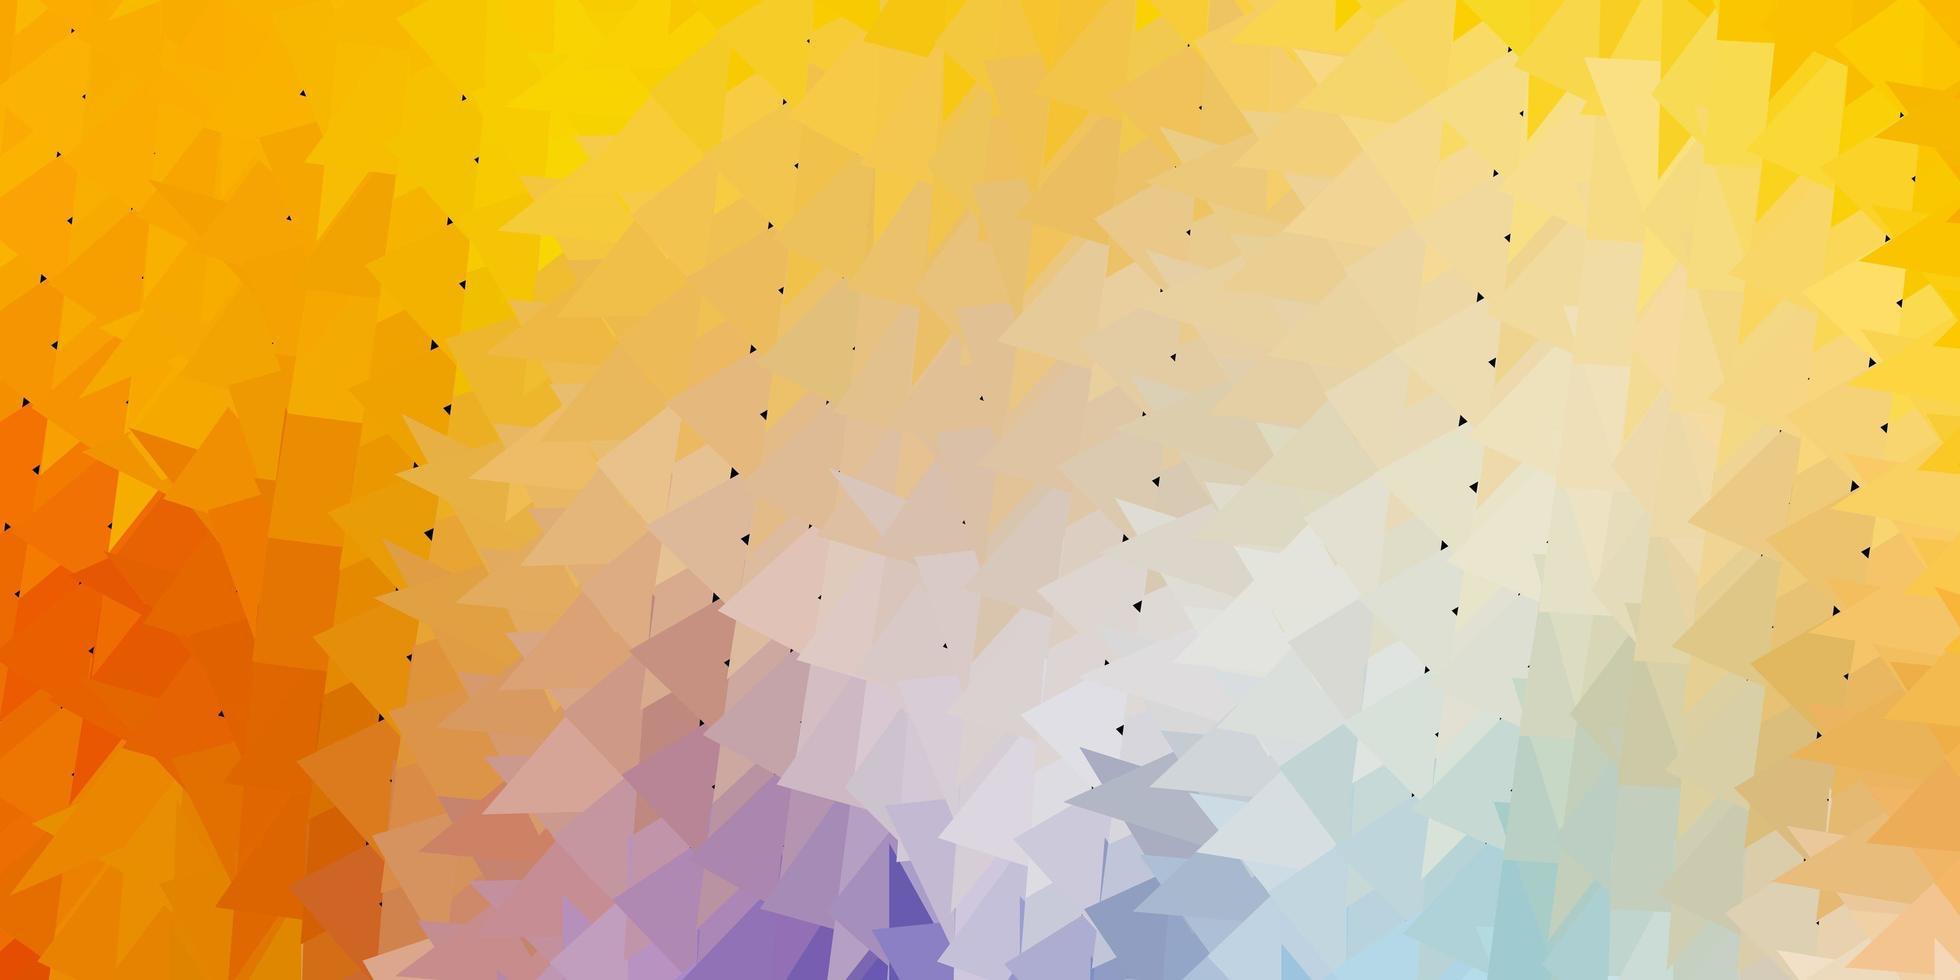 fundo do triângulo abstrato do vetor azul claro, amarelo.